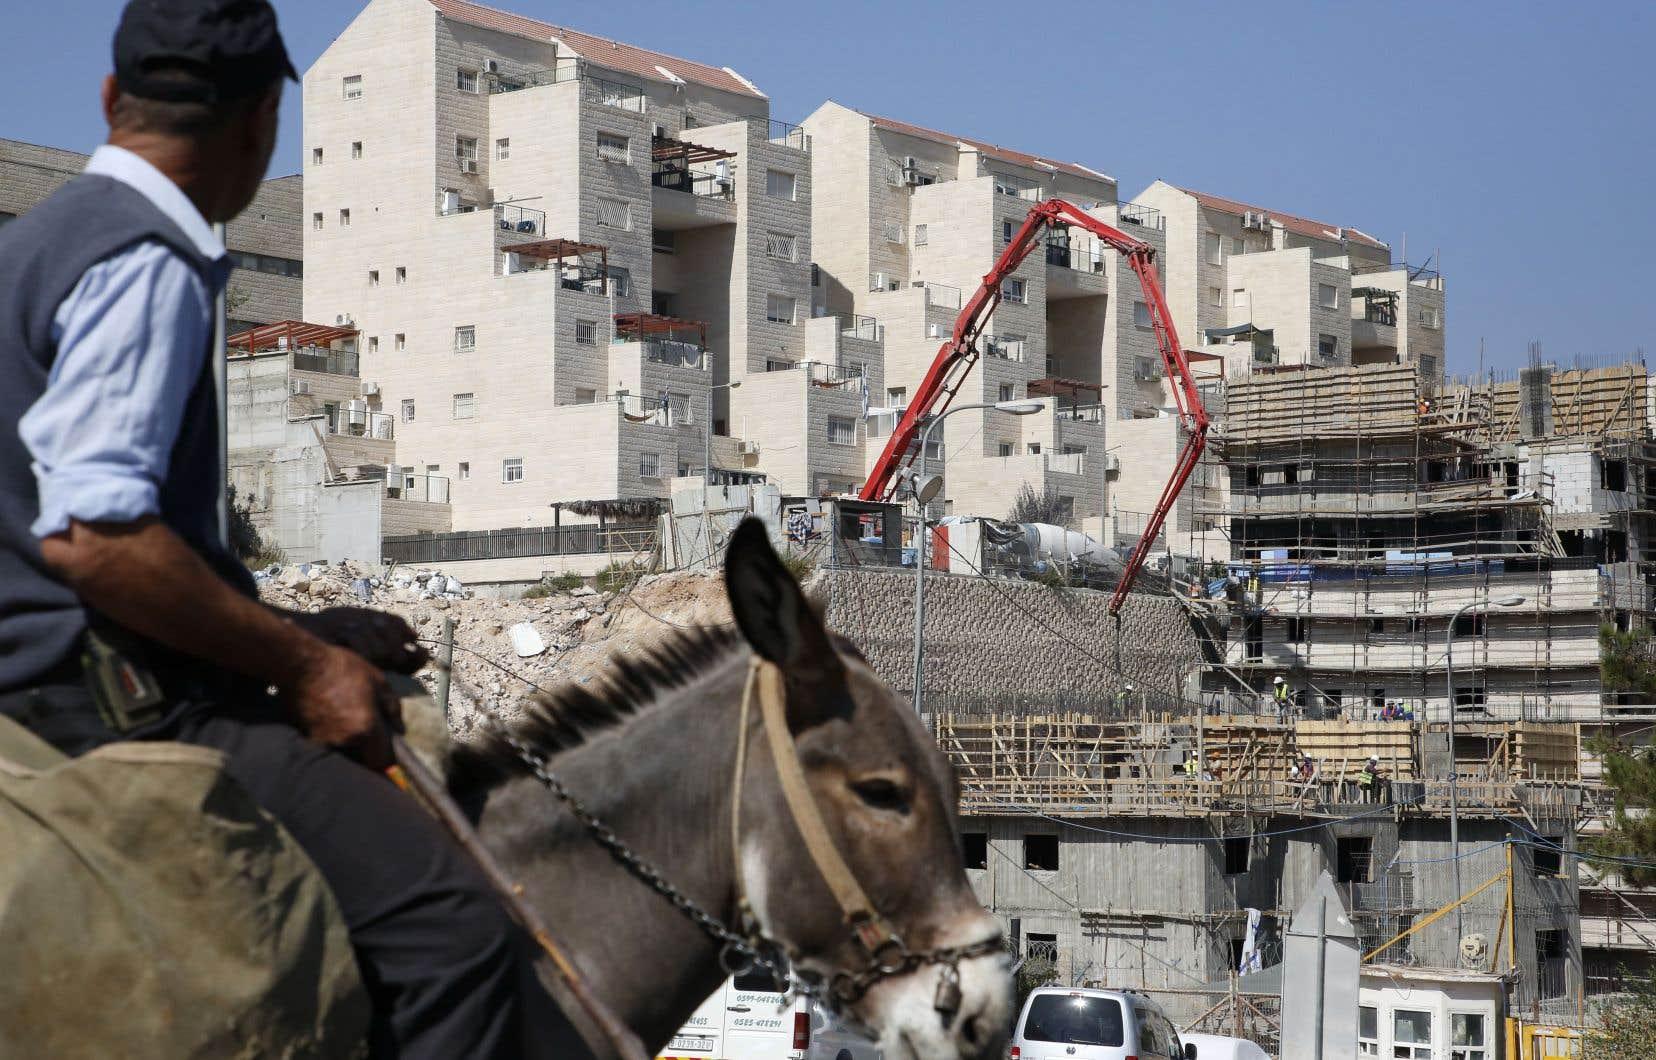 La création de logements de colonisation s'annonce particulièrement délicate à Hébron, où quelque 800 juifs vivent sous haute protection militaire parmi 200 000 Palestiniens.